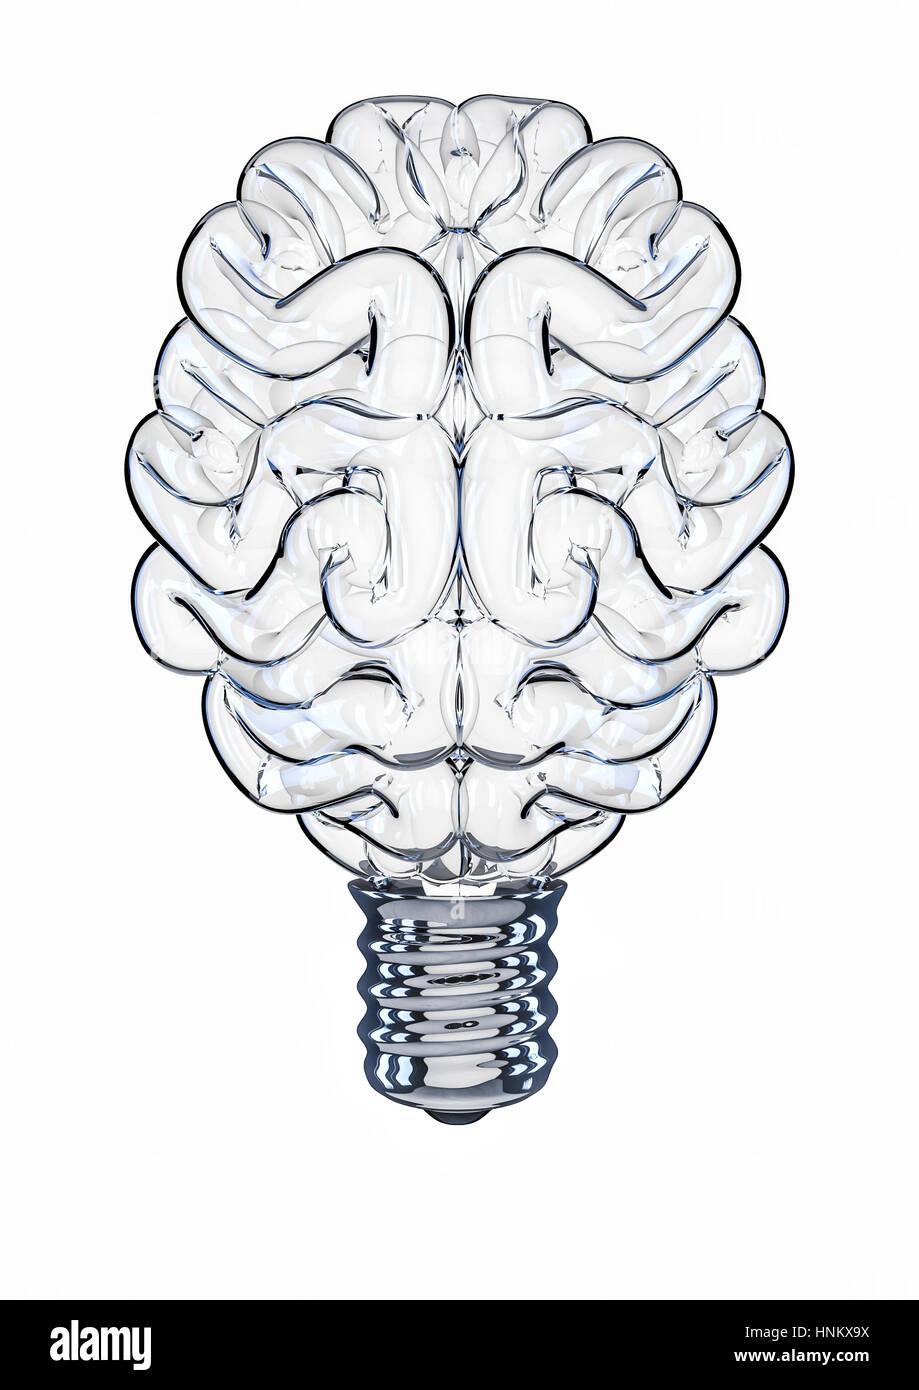 Glass light bulb brain / 3D illustration of brain shaped light bulb - Stock Image